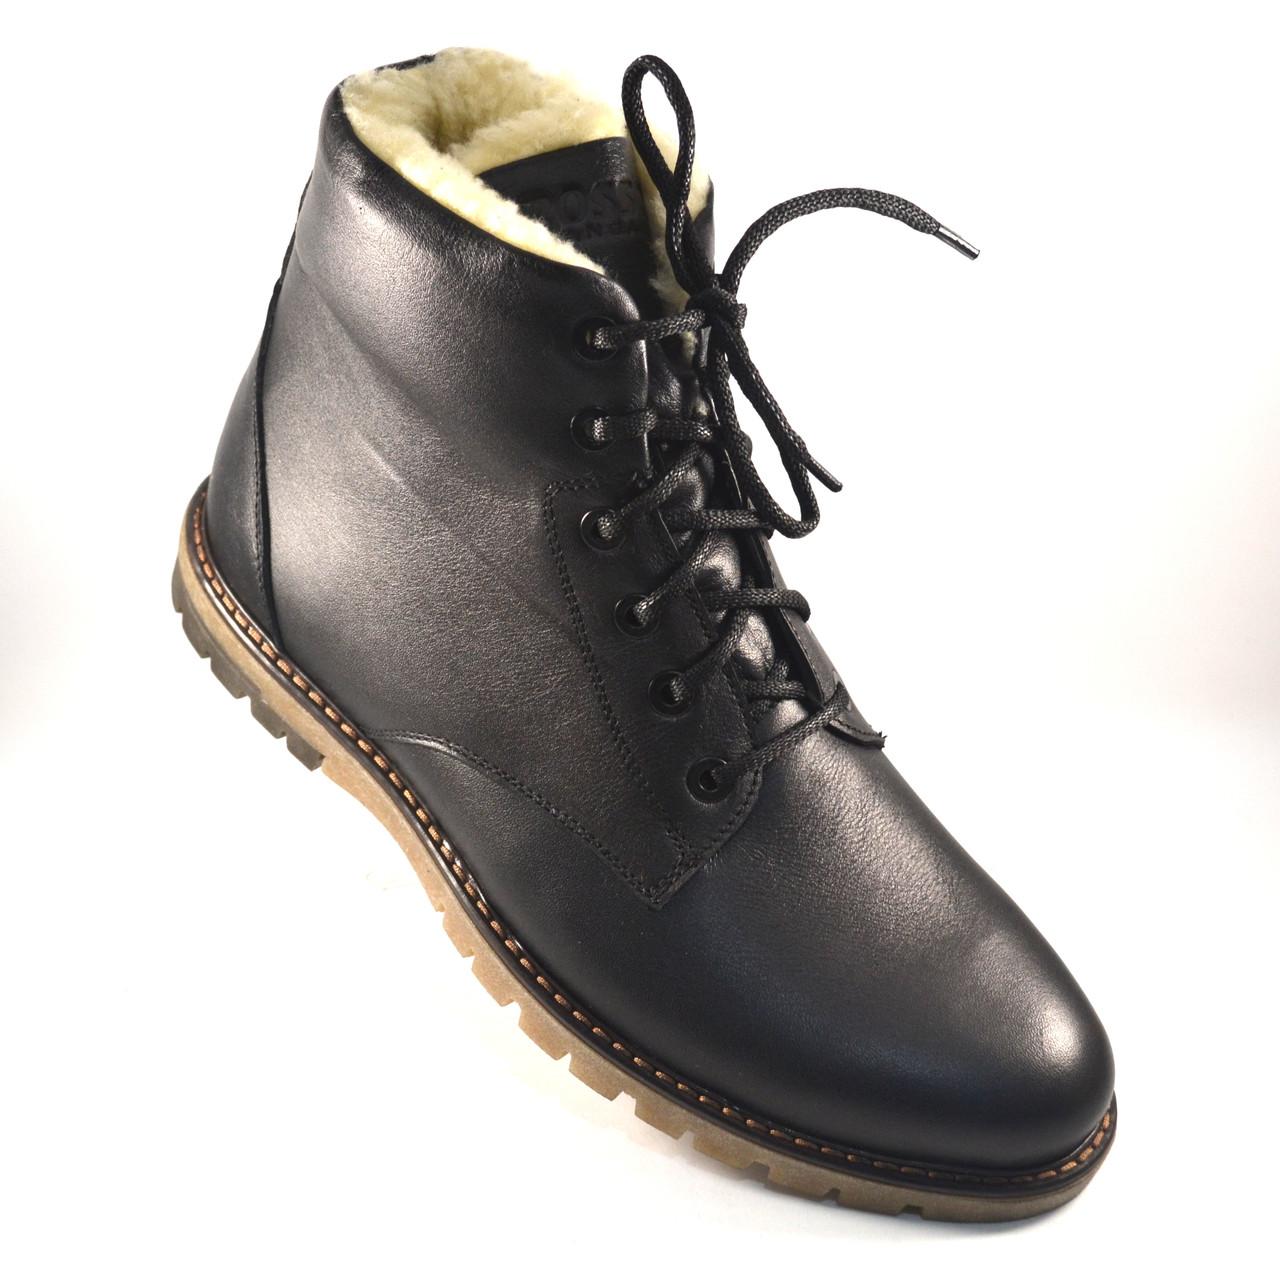 Кожаные зимние мужские ботинки Rosso Avangard. Whisper Black черные